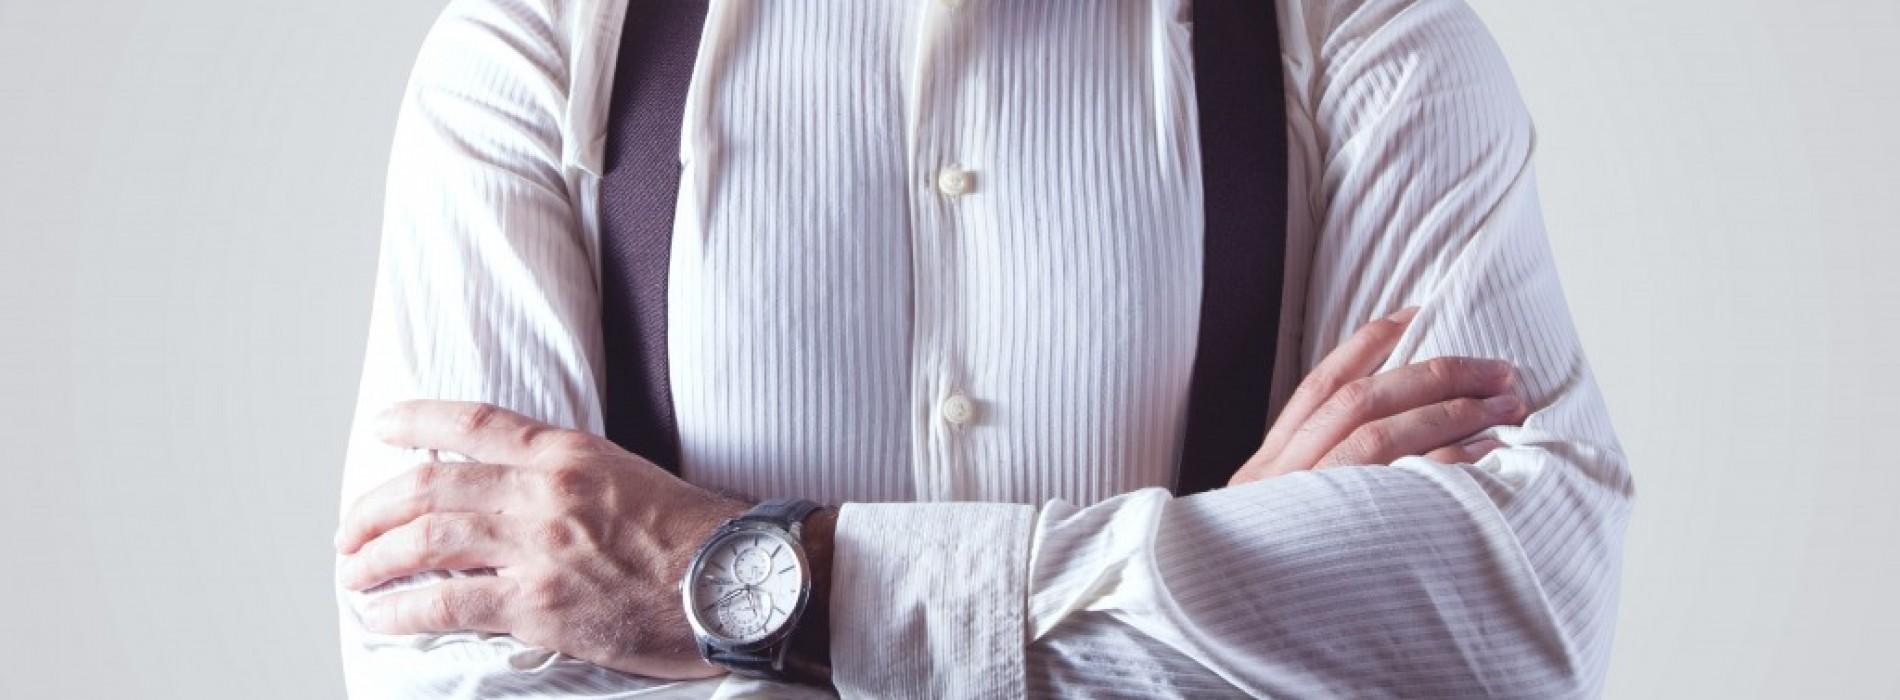 10 въпроса, които не трябва да задавате на шефа си